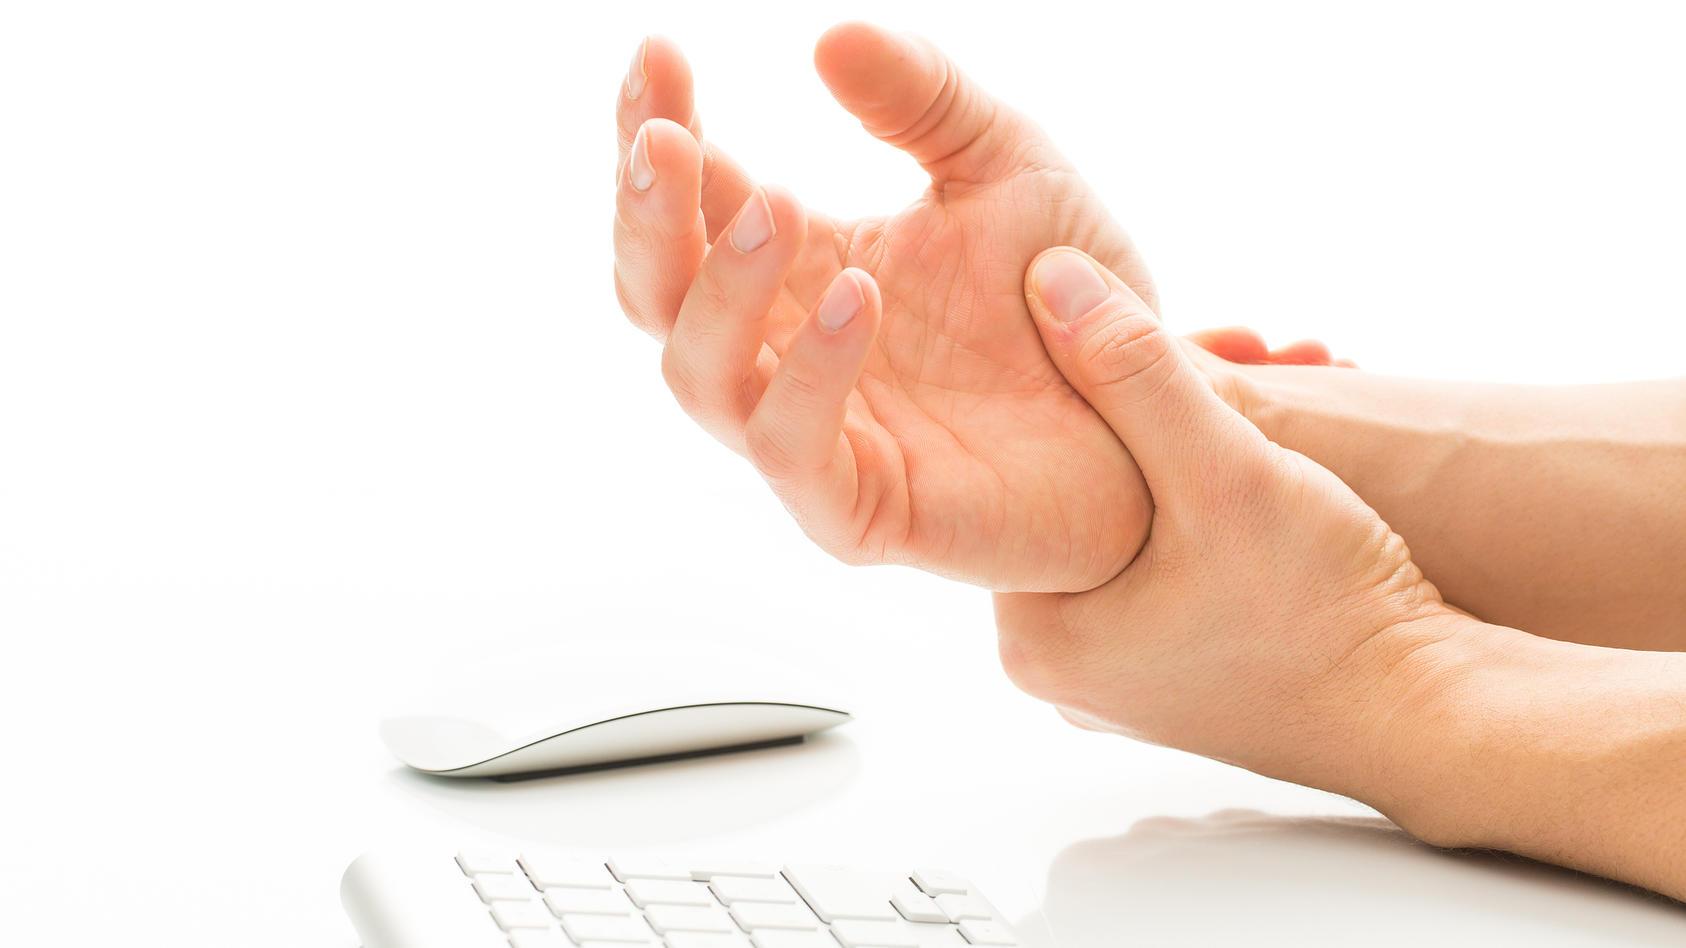 Tendinitis entsteht häufig durch übermäßige Belastung